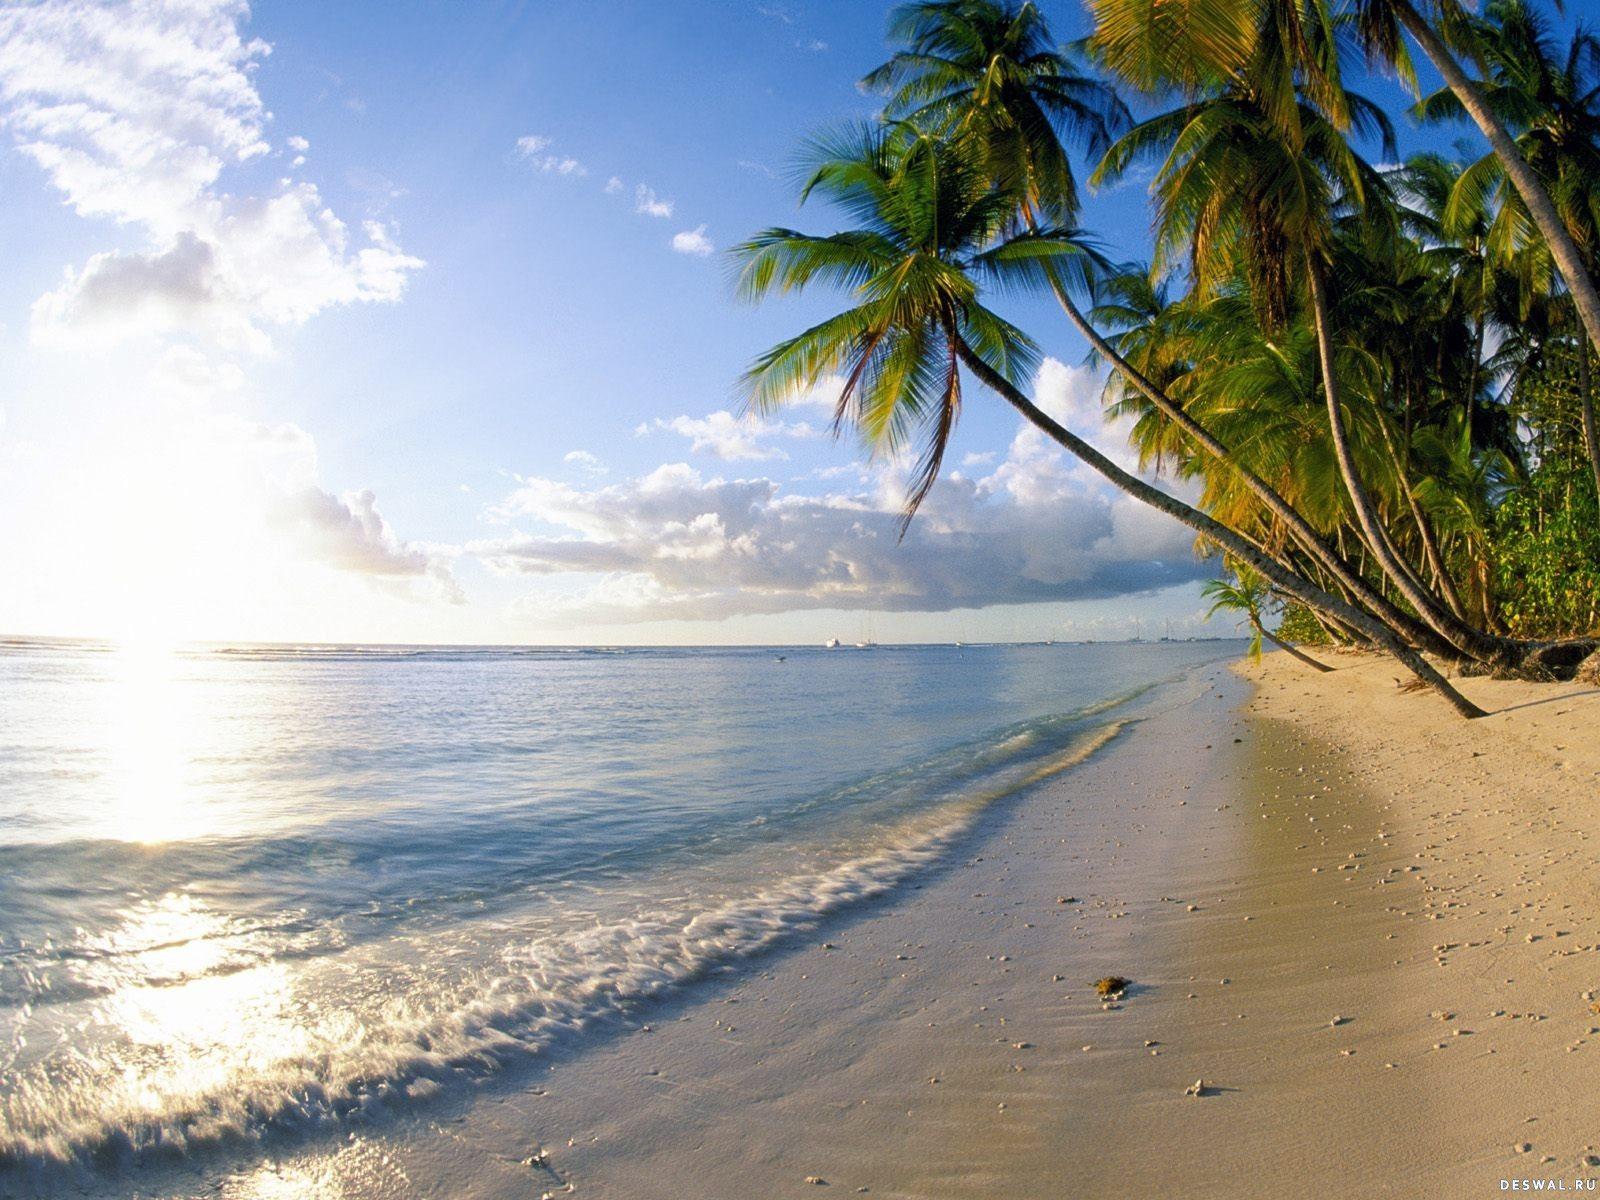 Фото 71.. Нажмите на картинку с обоями природы - пляж, чтобы просмотреть ее в реальном размере